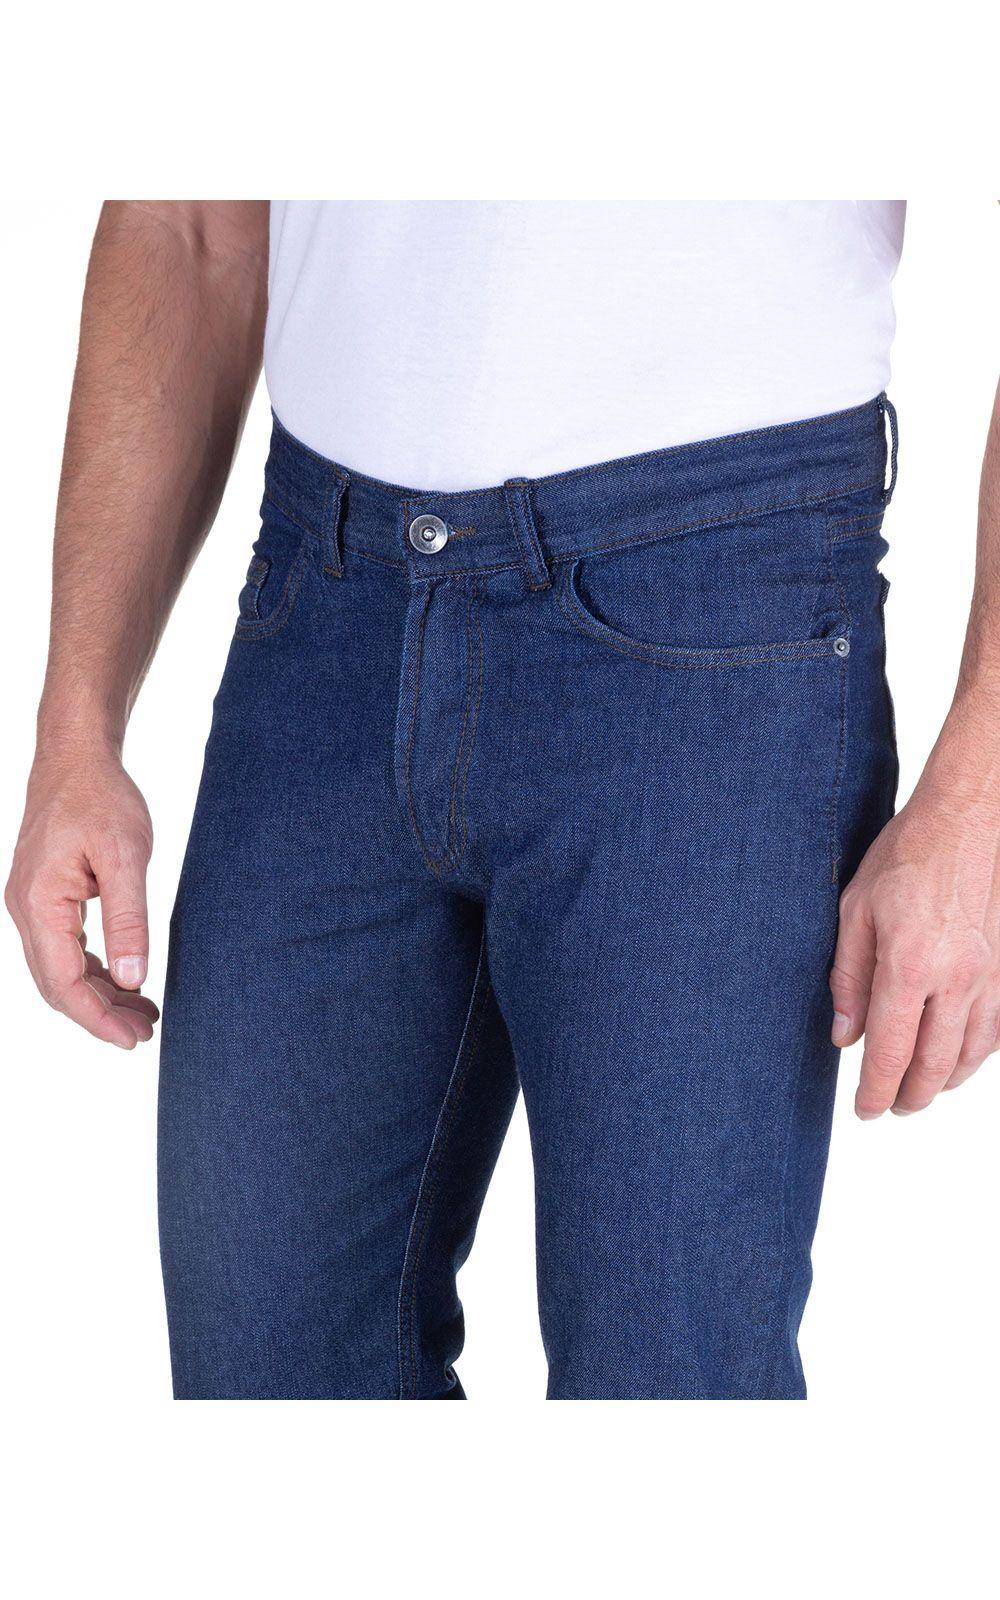 Foto 3 - Calça Jeans Masculina Azul Marinho Lisa